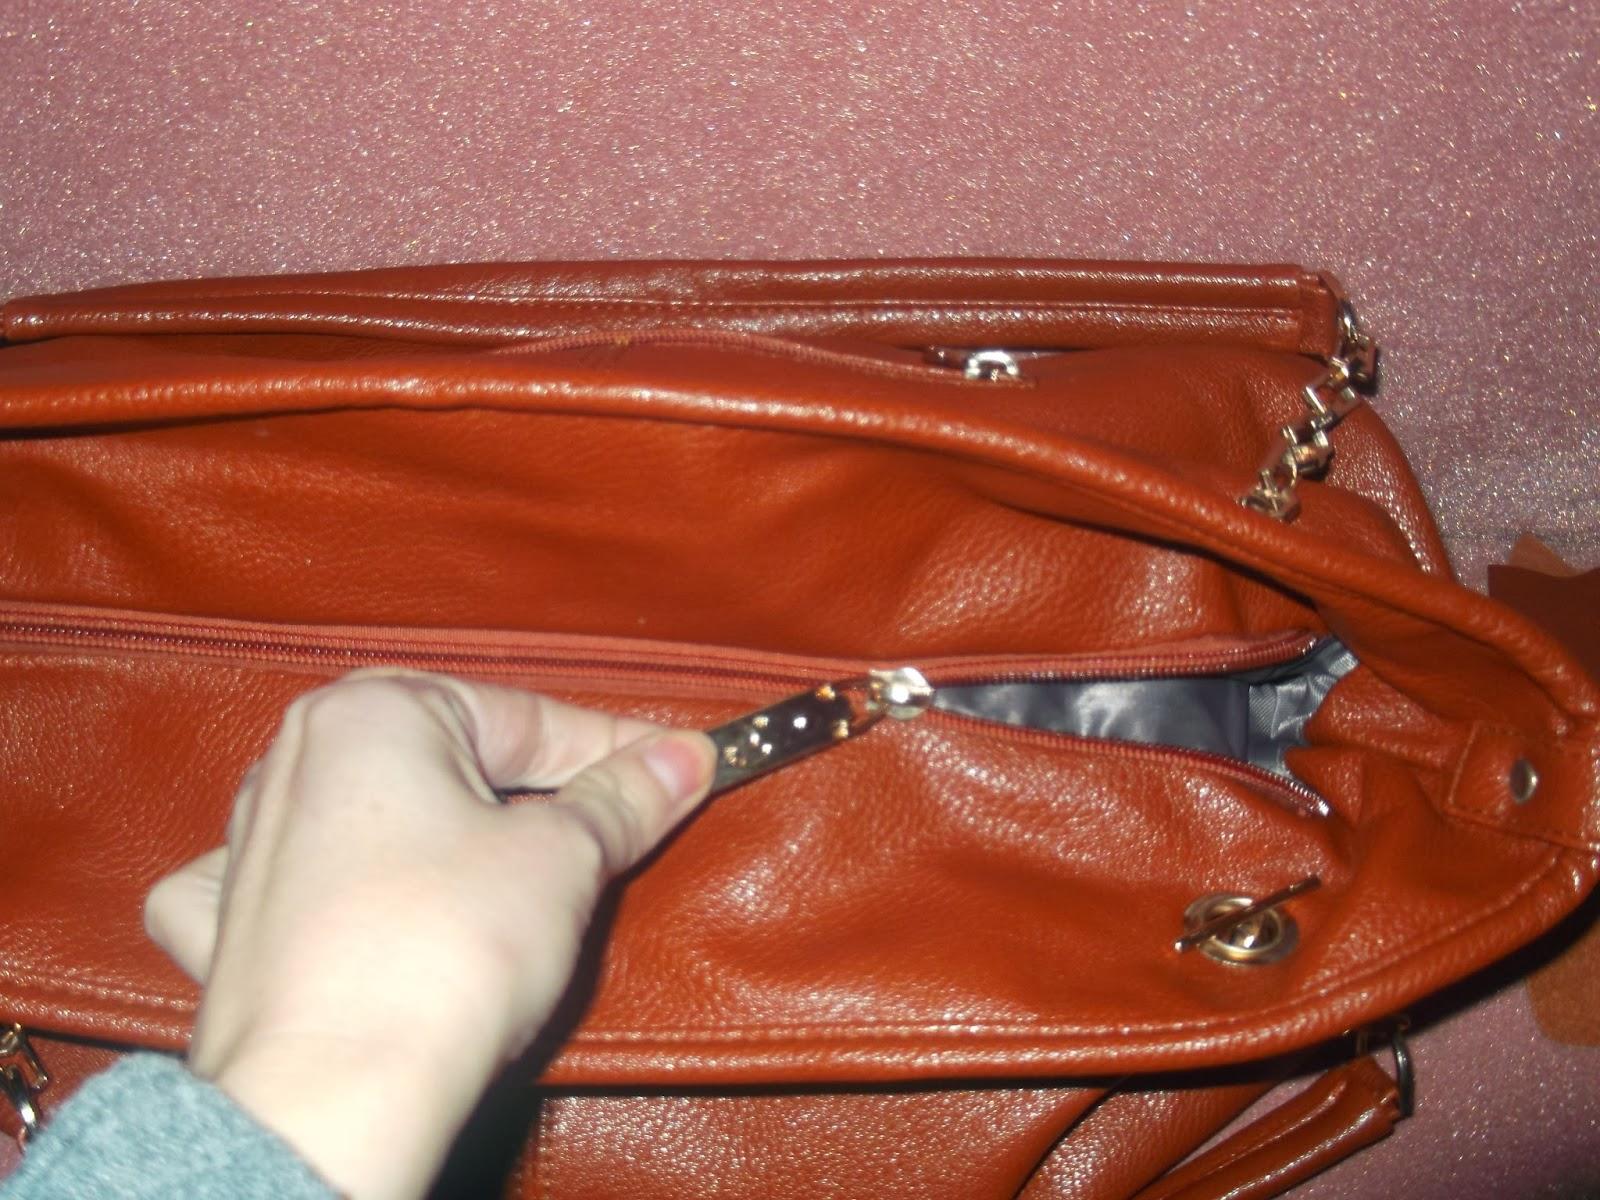 3ed98498181fb Dodatkowo dostajemy przypinany pasek choć mi wystarczają krótsze rączki  torebki,gdyż mogę ja nosić w ręce lub na ramieniu;)